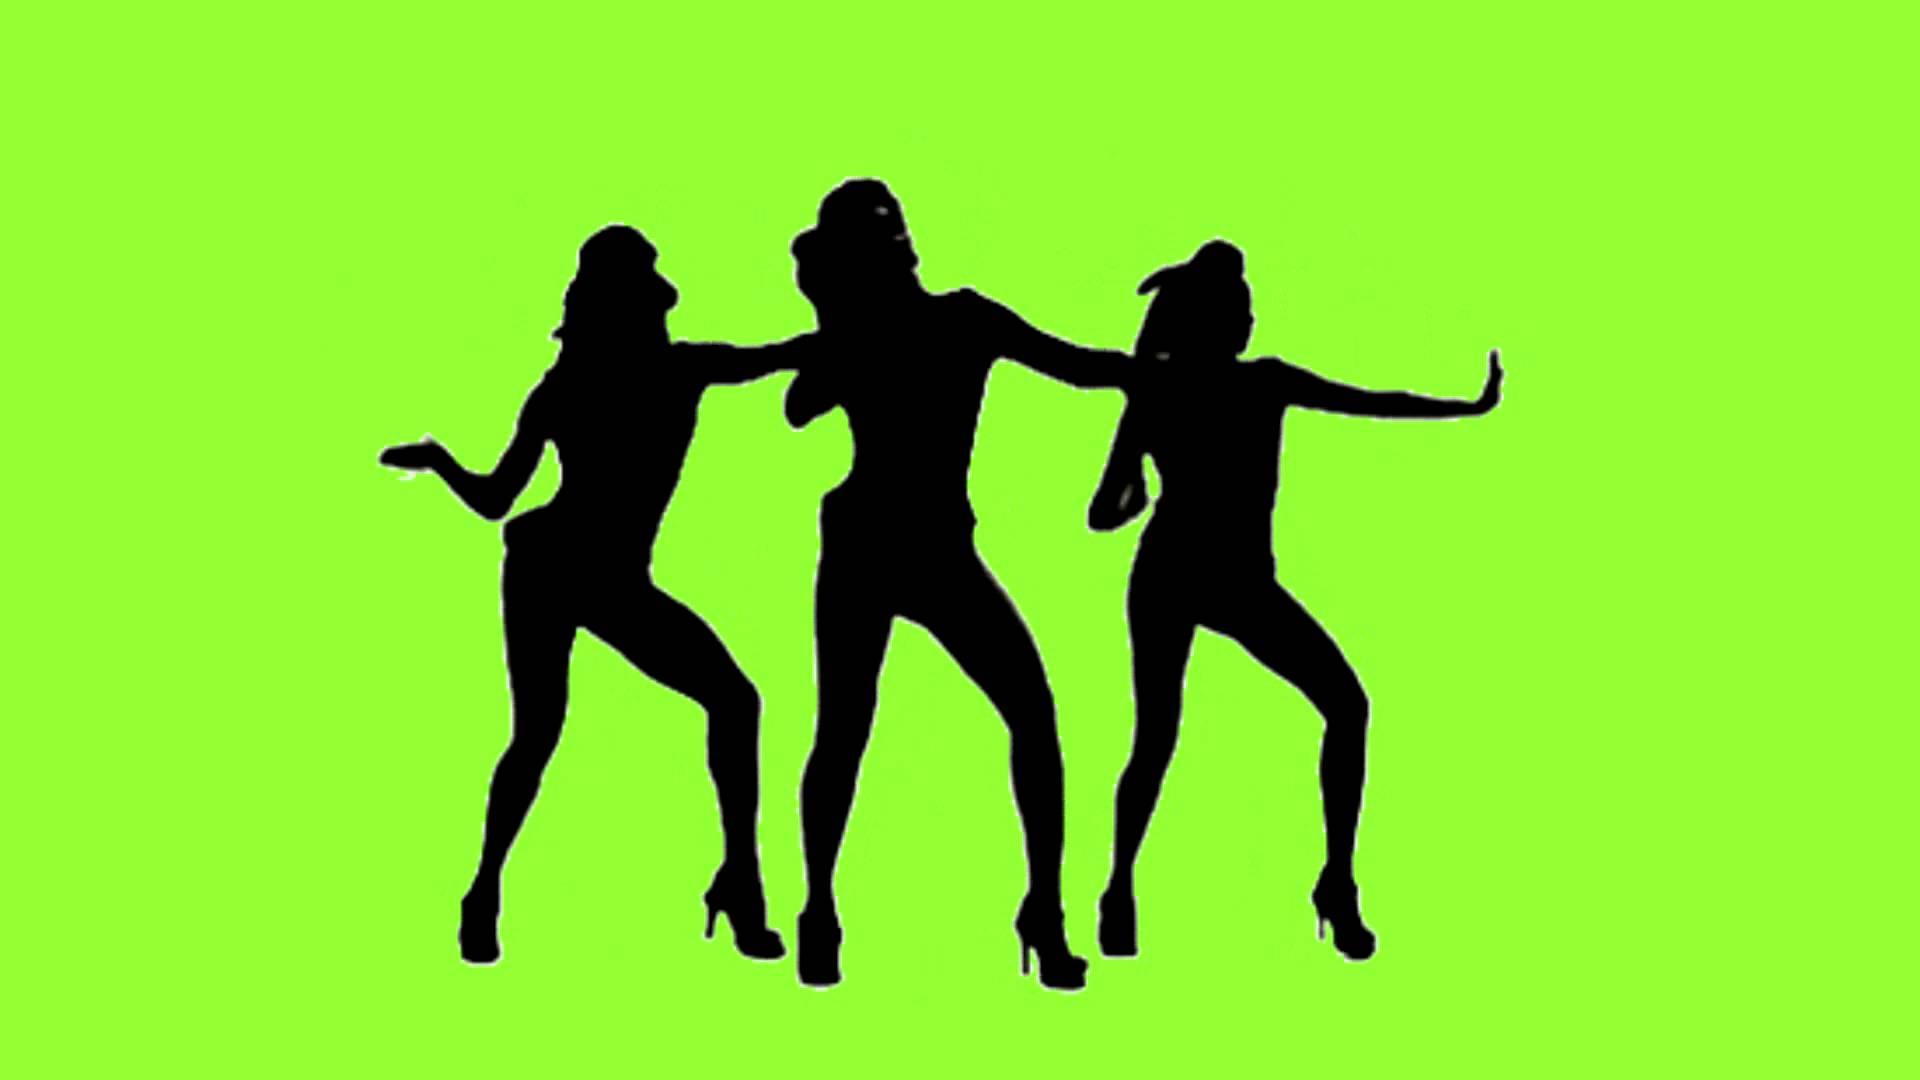 1920x1080 Shadow Girls Dancing Green Screen